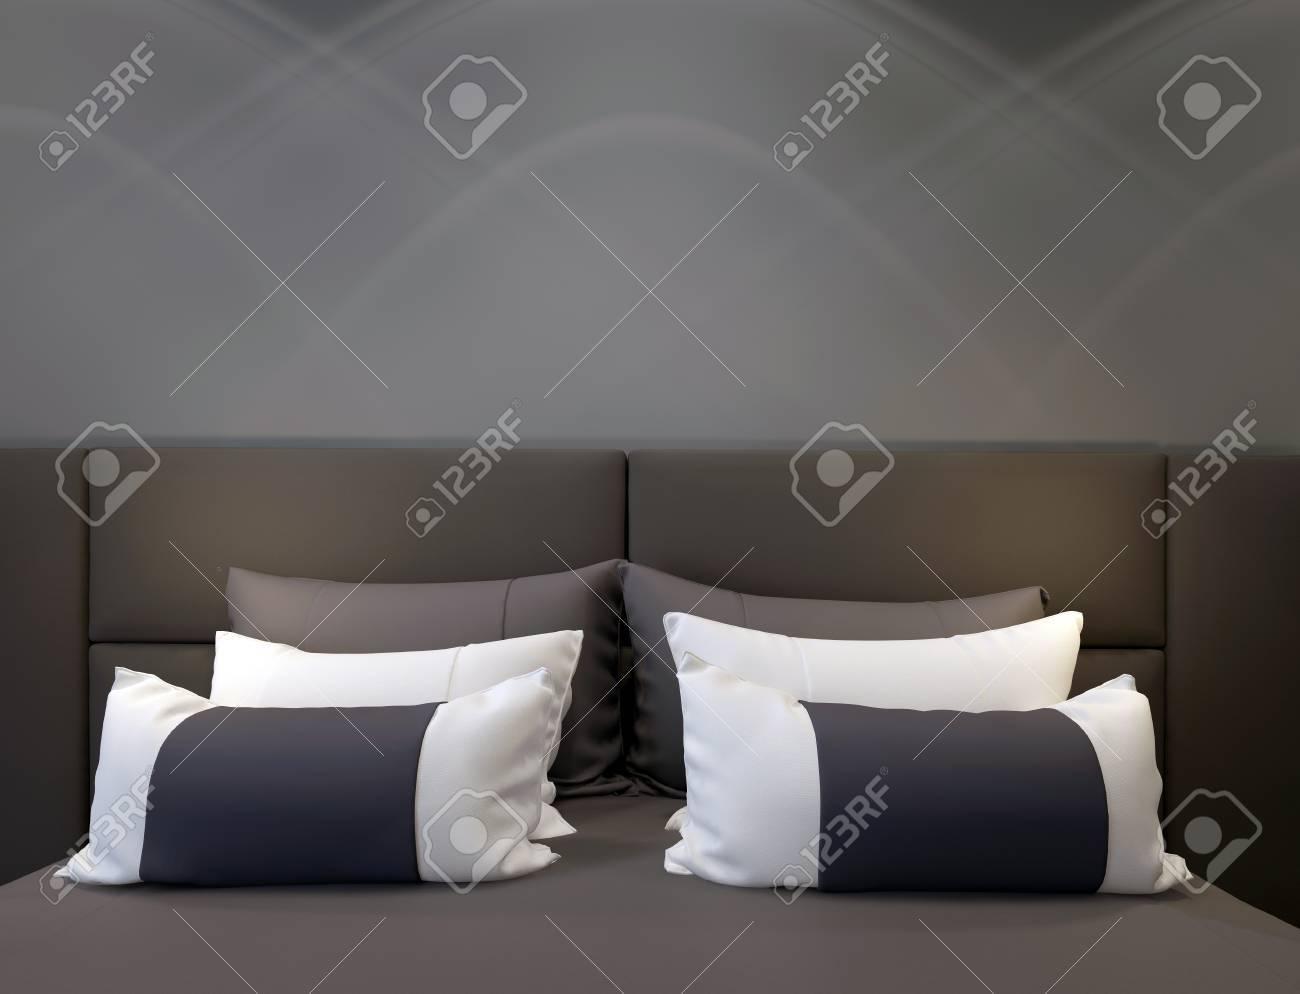 En modern sovrum med en dubbelsäng, sänggavel och kuddar royalty ...